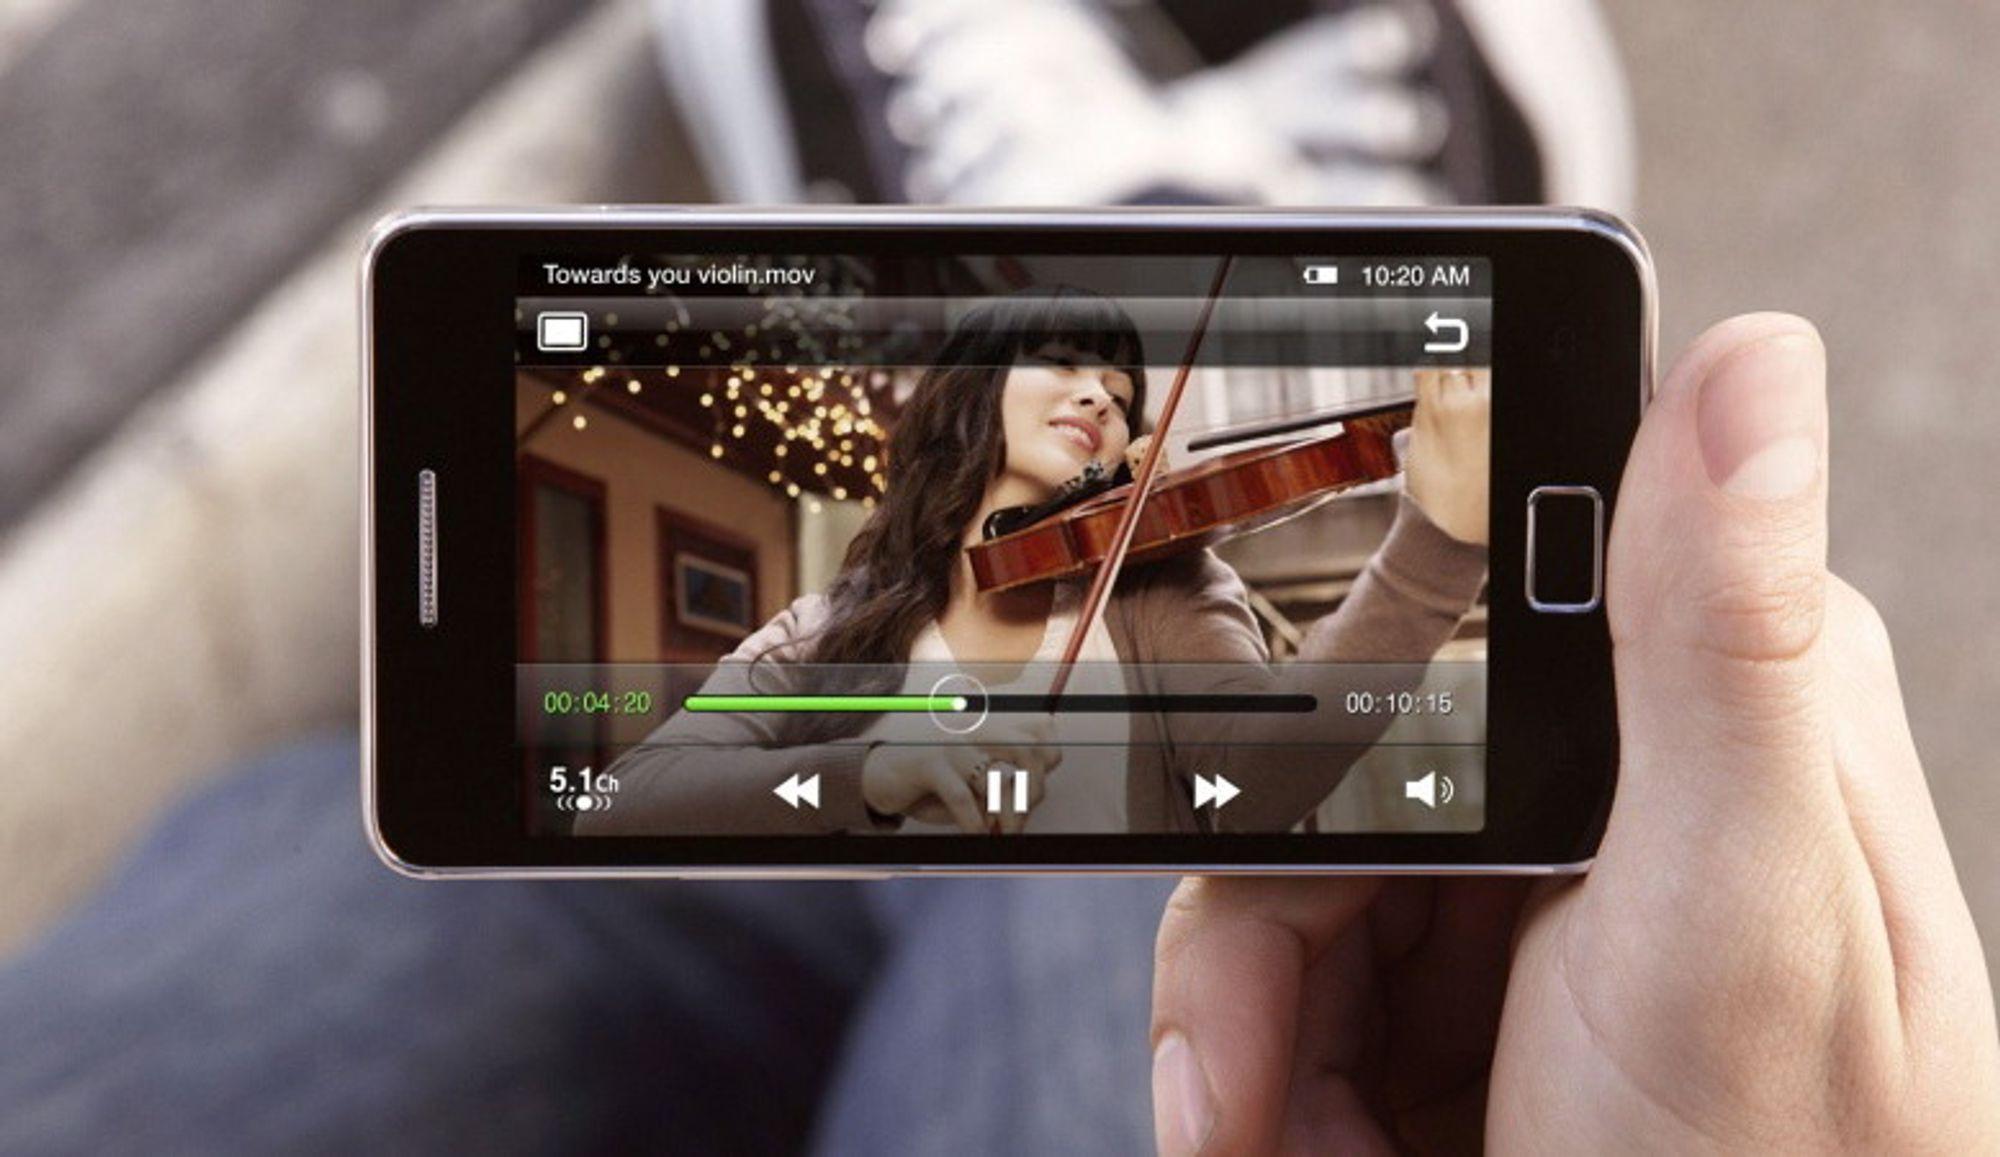 OVERTAR FOR KAMERAER: Mobilen har en fordel med enklere deling av bilder.